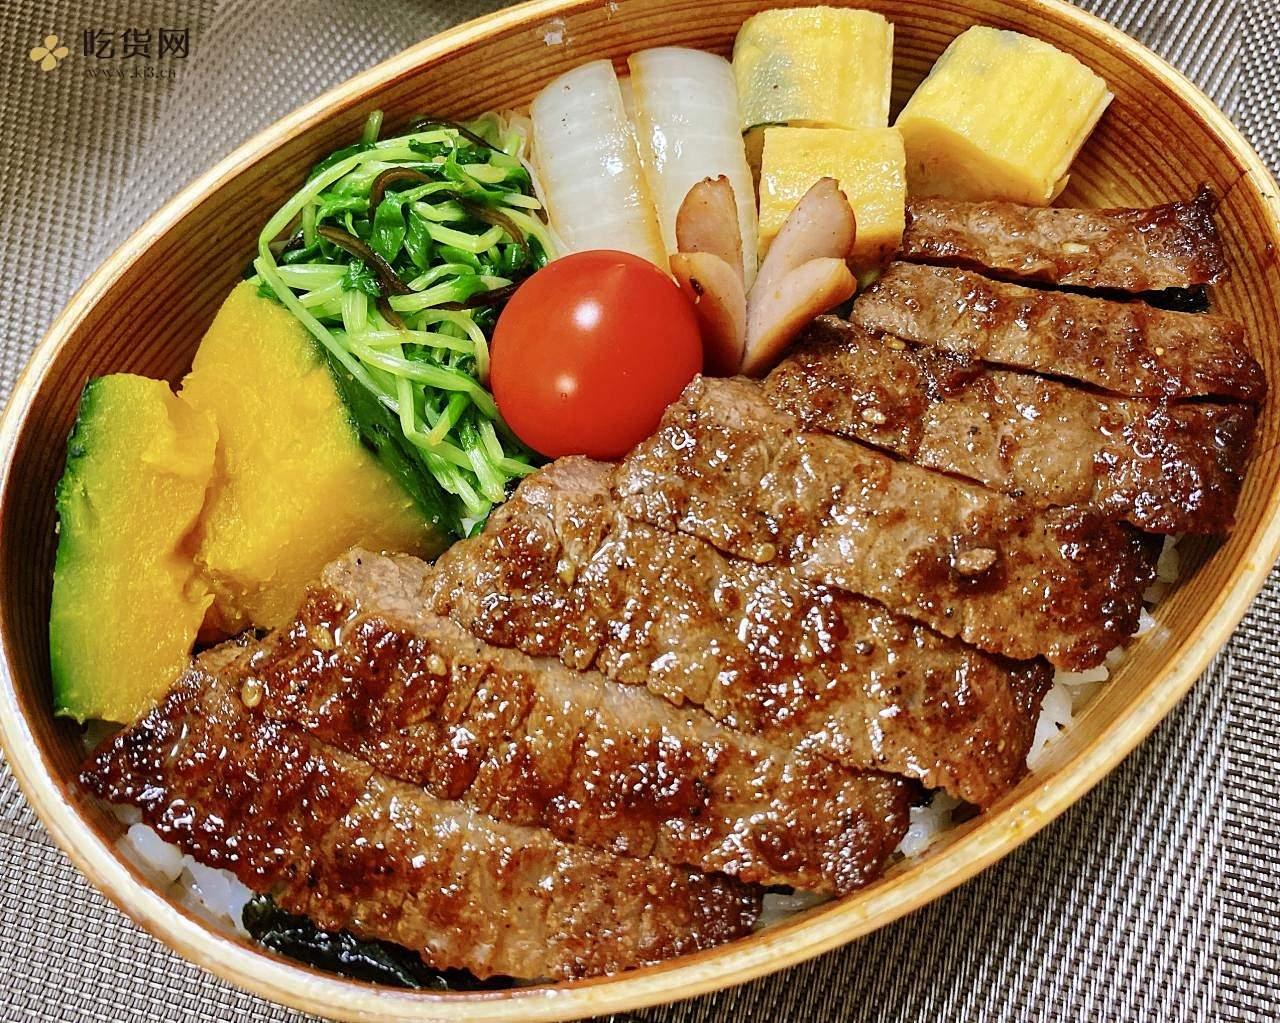 高中生的午餐便当-牛排飯的做法 步骤6